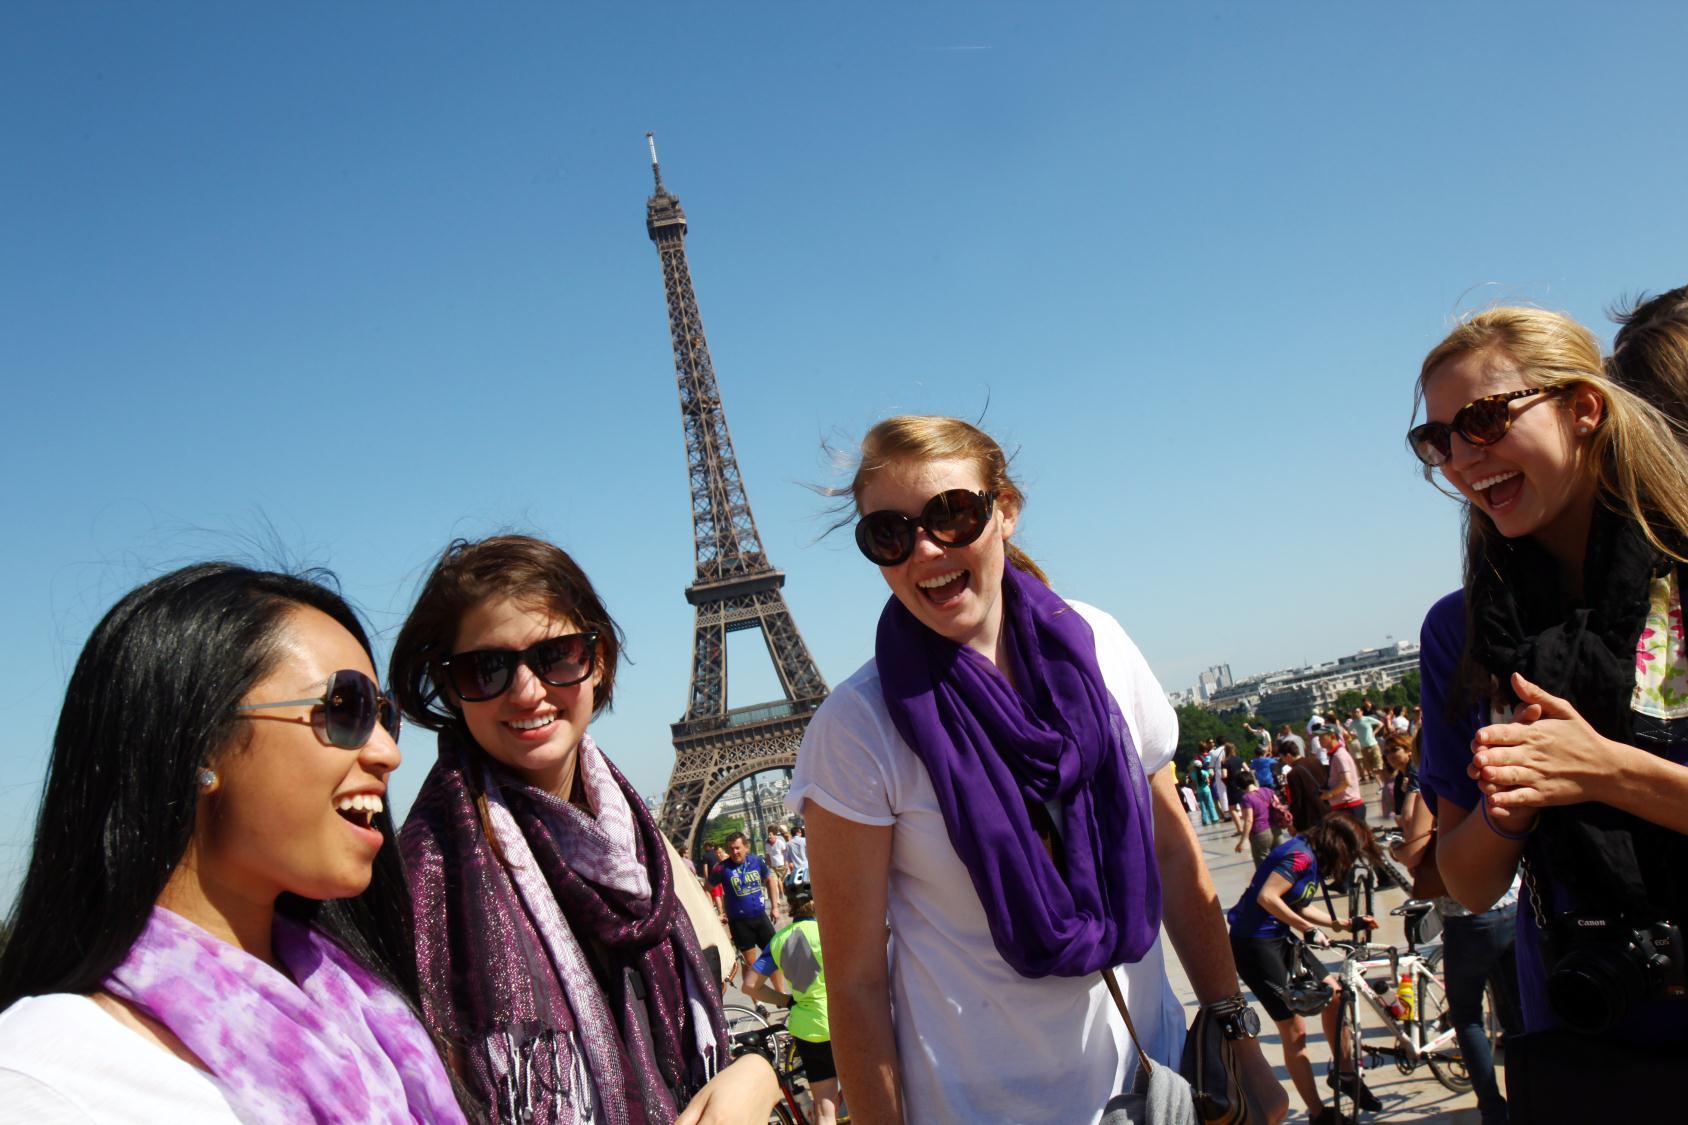 شیوع مصرف الکل میان دانش آموزان دختر فرانسوی